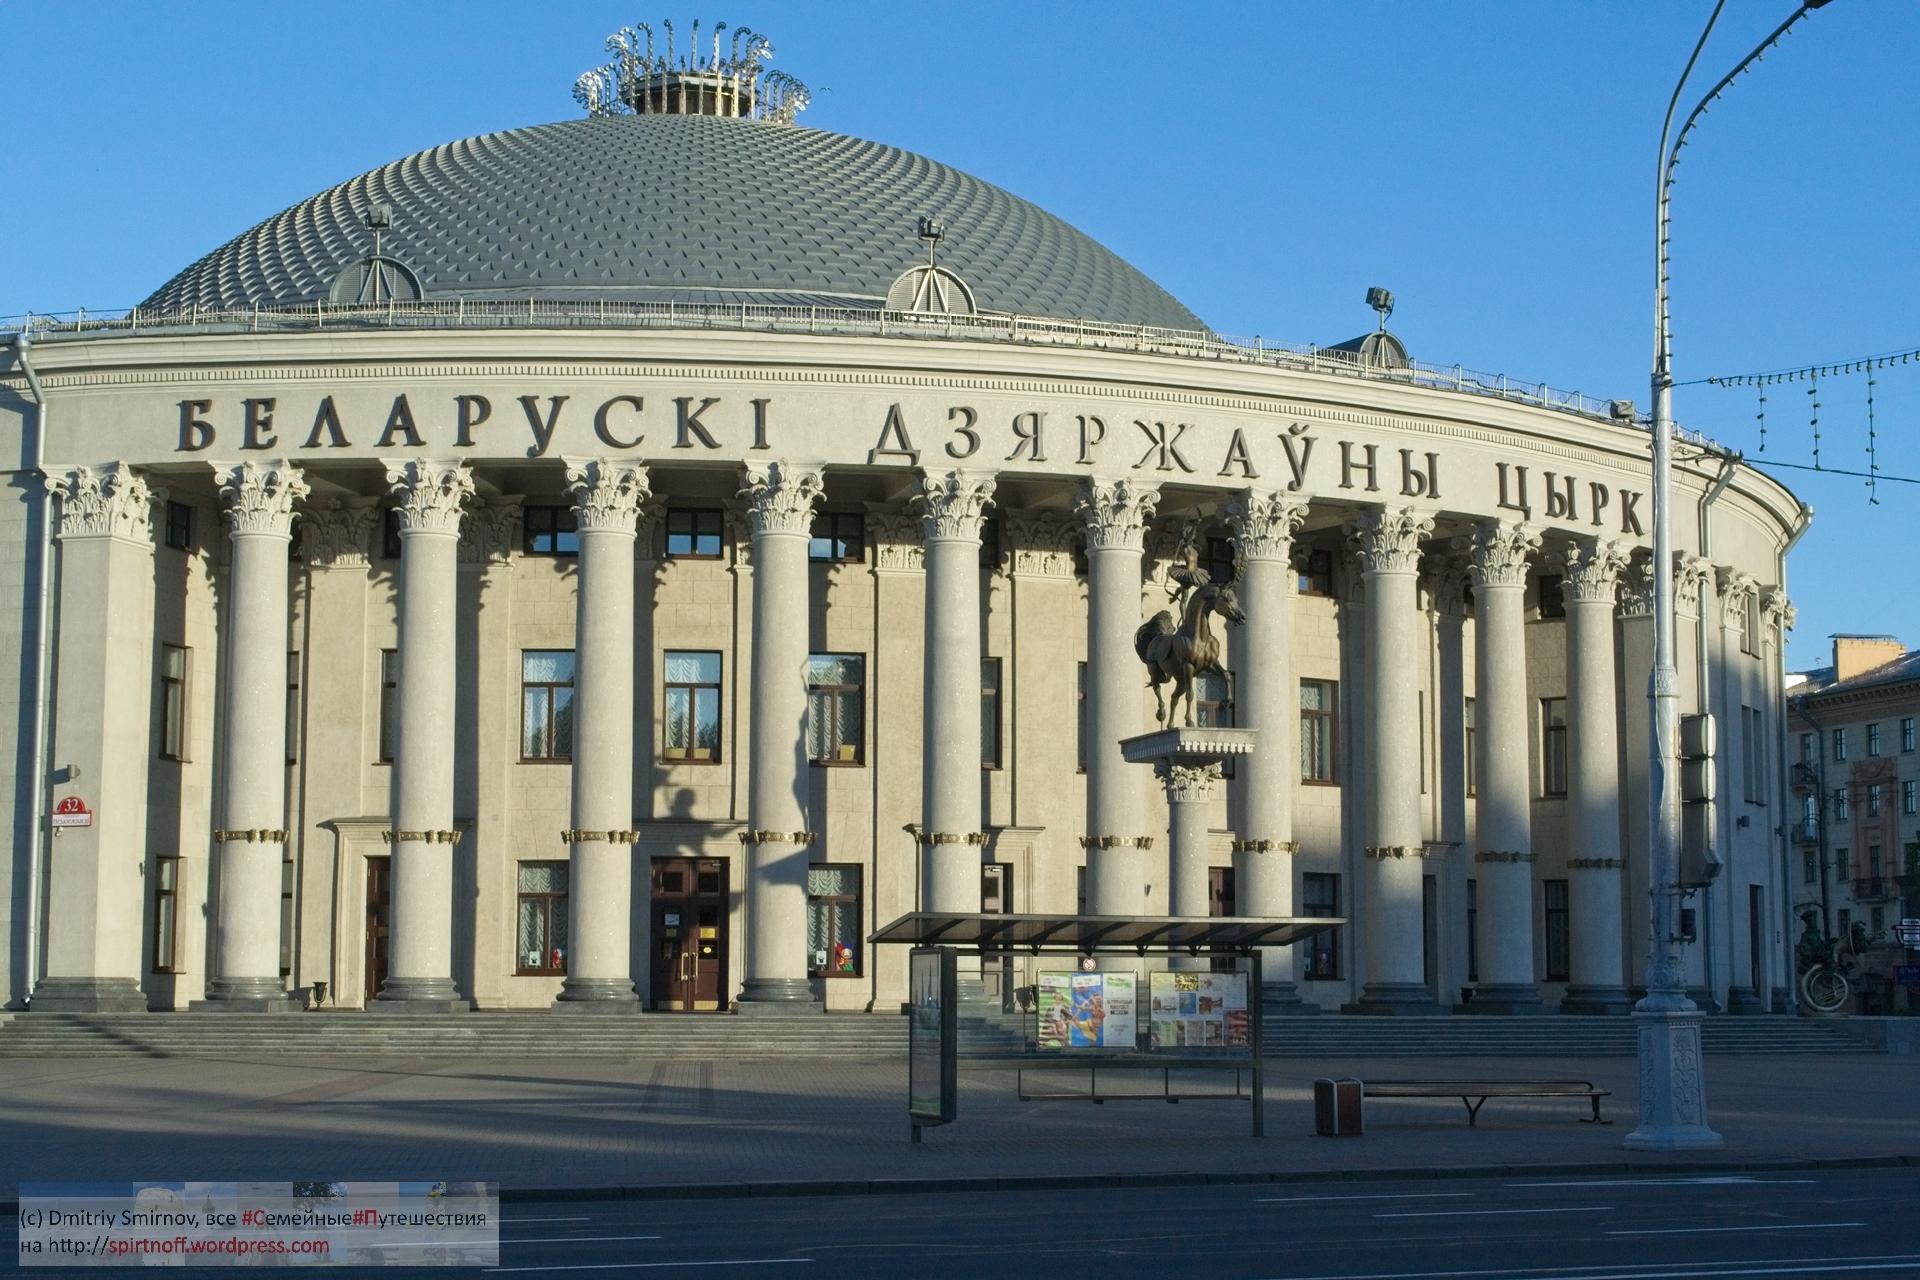 DSC_6846-Blog-64 Путешествия  Минск, Площадь победы, Проспект Независимости, Цирк, Дворец республики